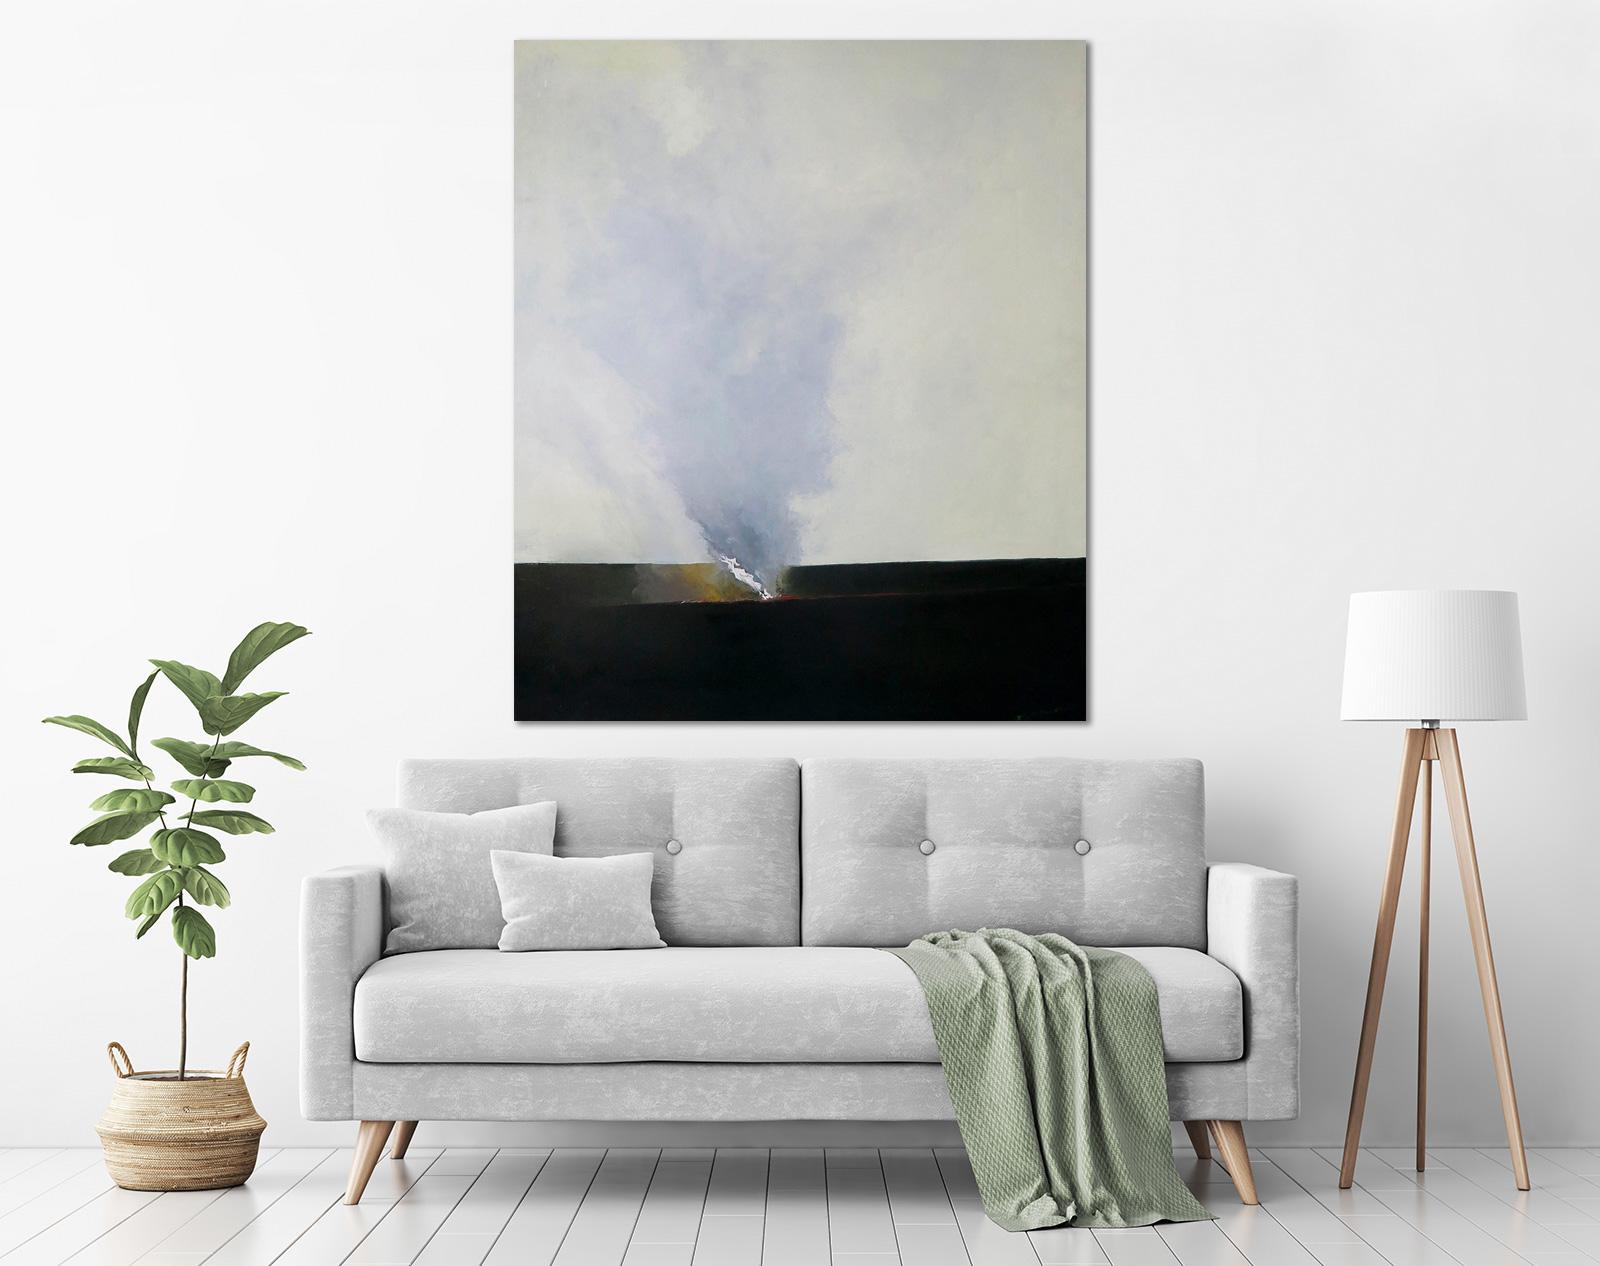 John Graham - 'Landscape I' in a room